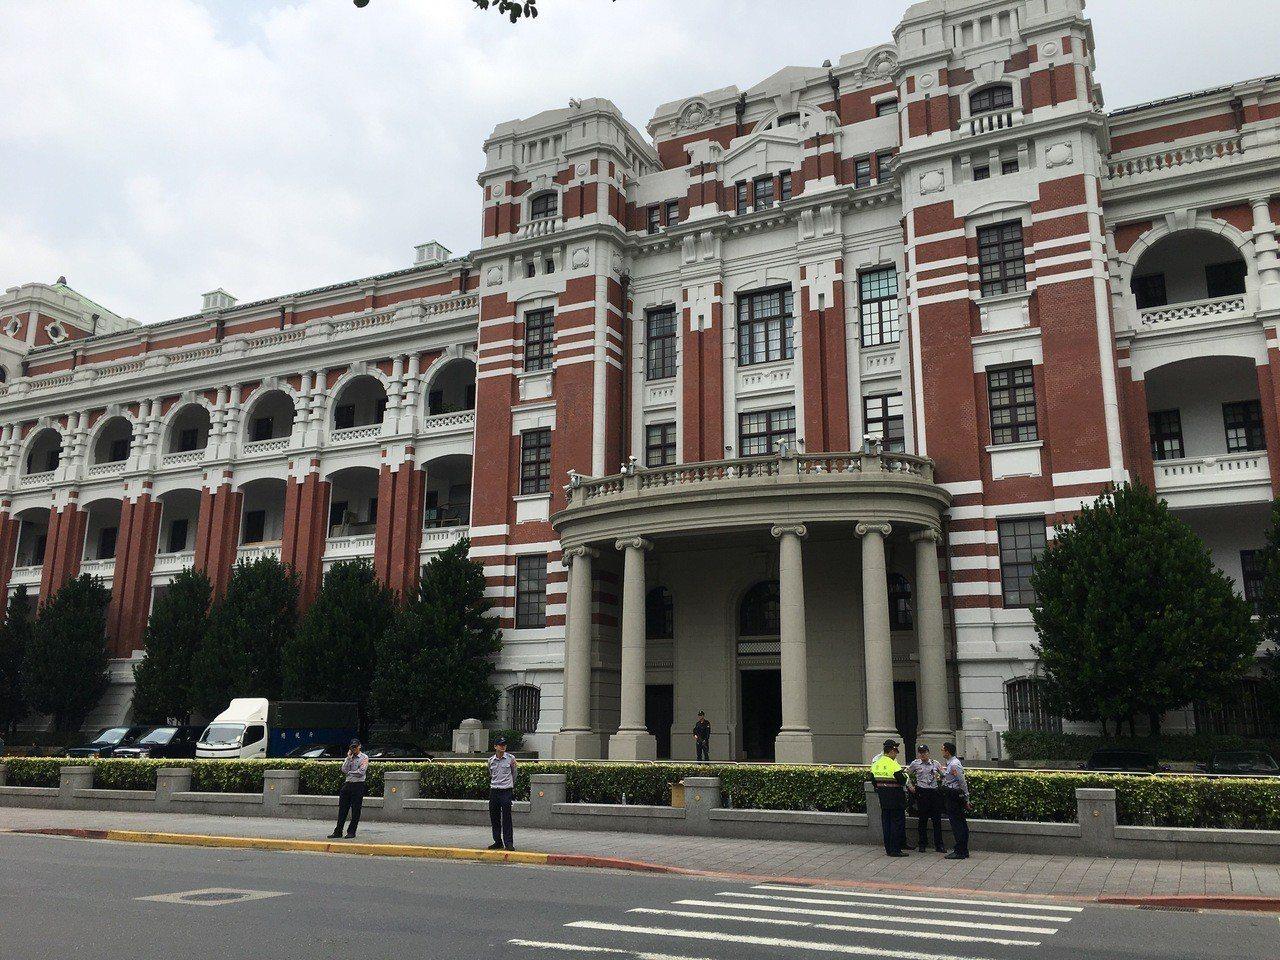 接近20名成員突然往總統府方向移動,因脫離所申請的遊行路線,警方2度依法舉牌警告...